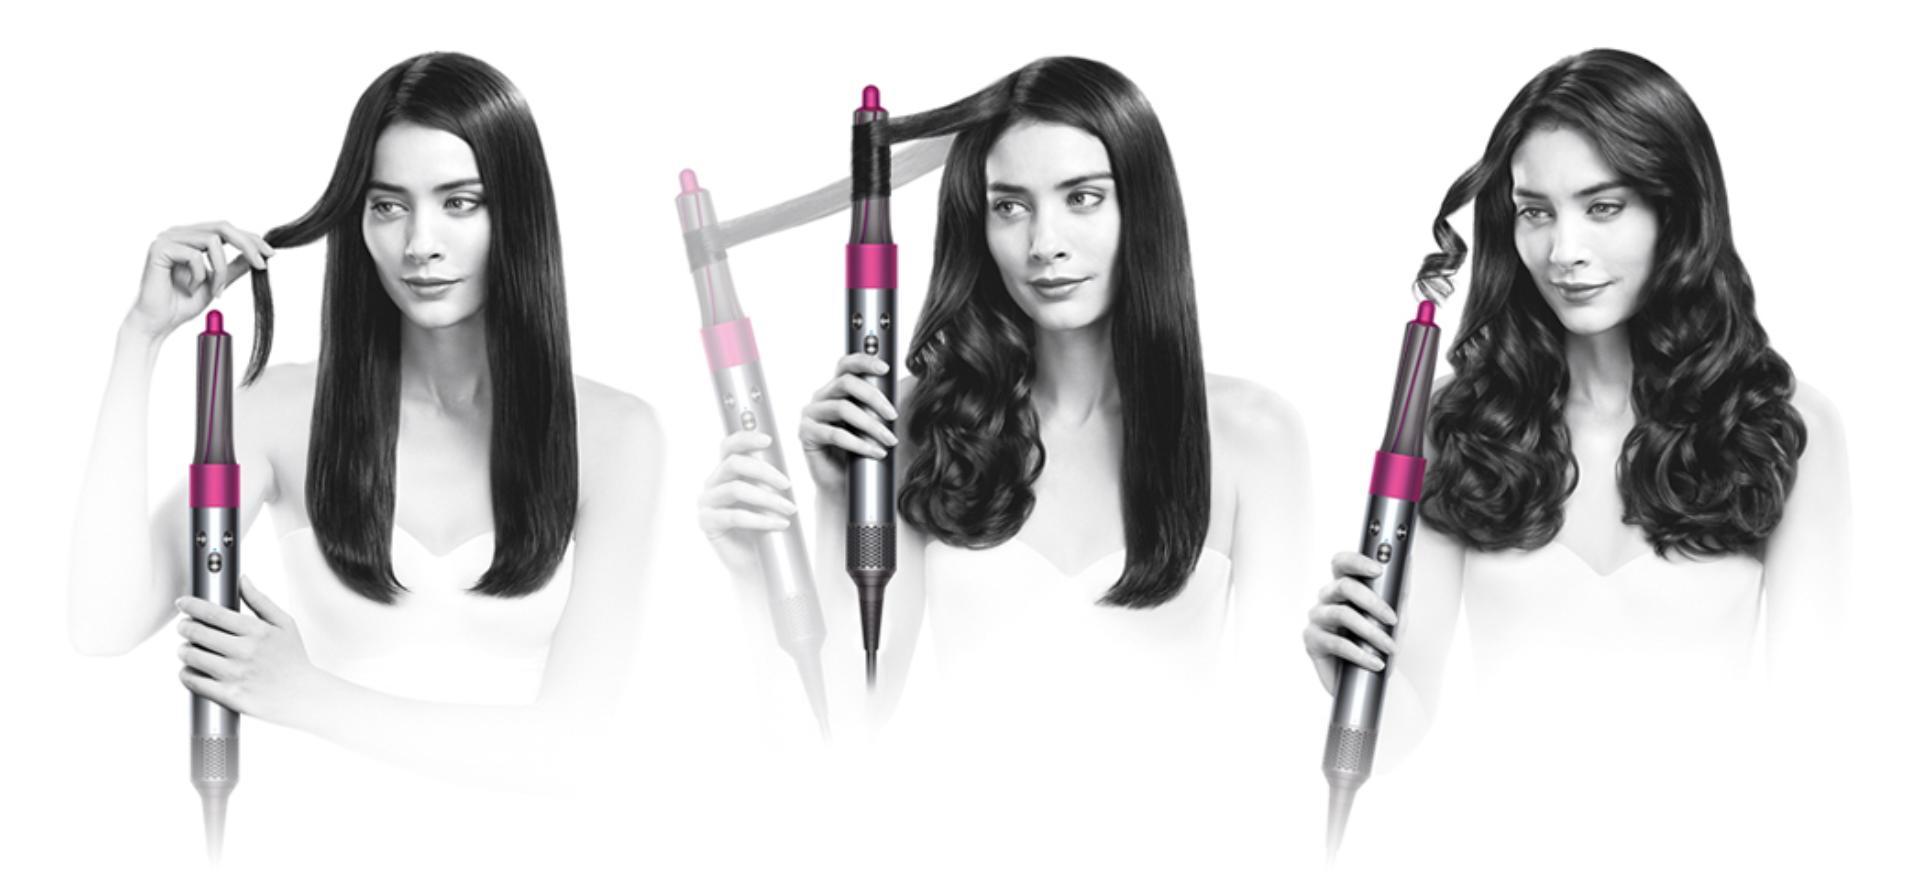 Videoclip explicând cum să vă ondulați părul cu aparatul de coafat Dyson Airwrap™